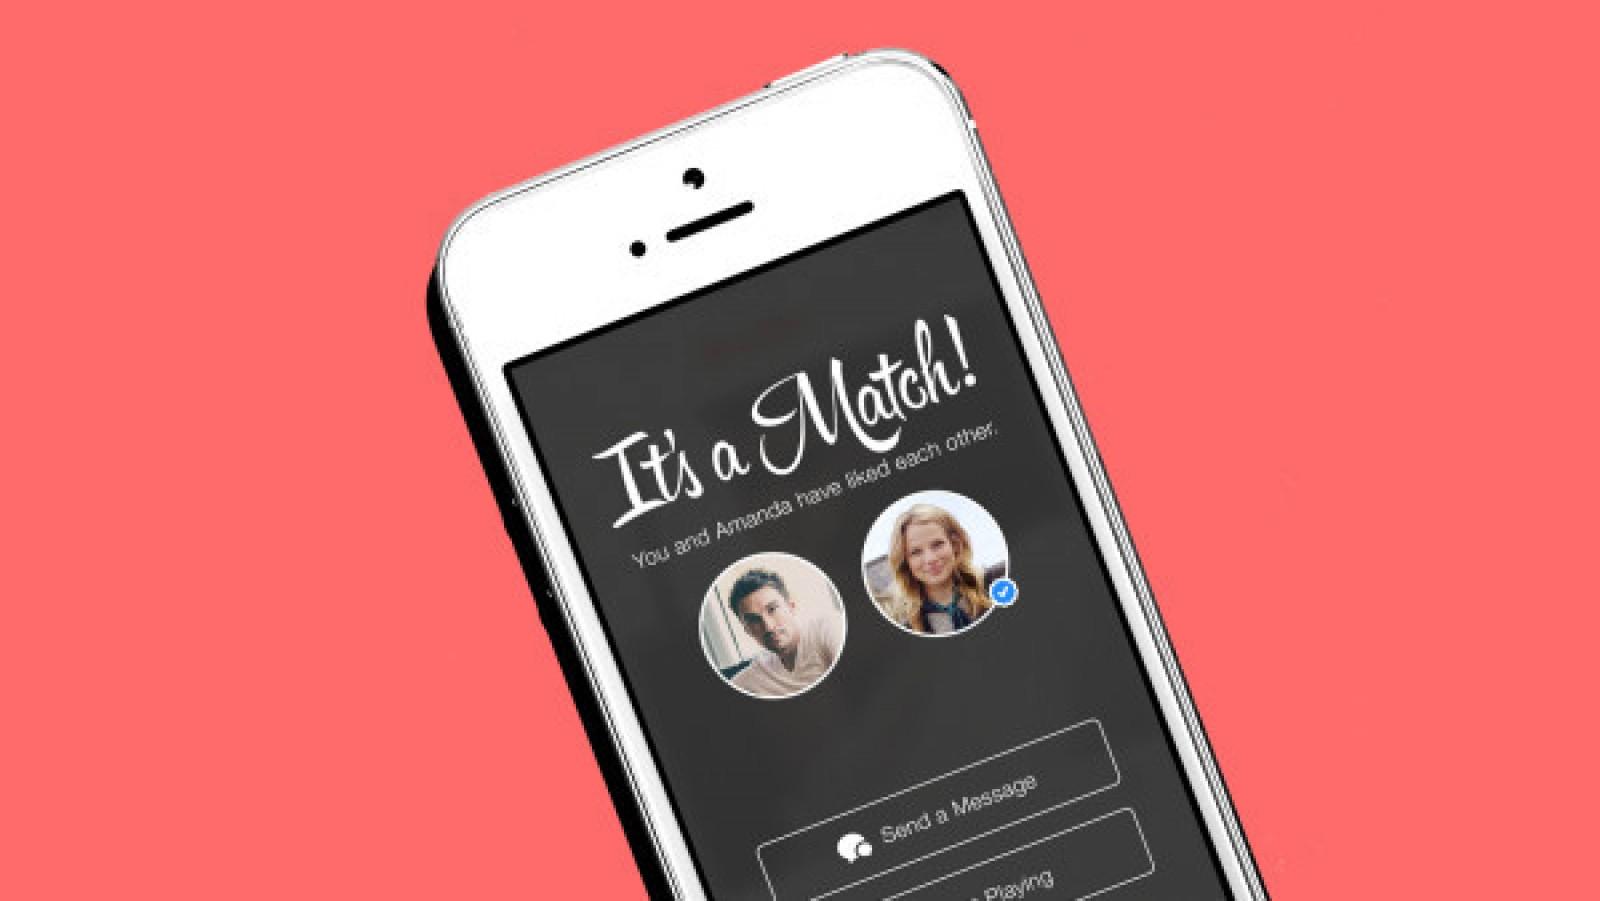 (foto) Aplicaţia Tinder va avea feed pentru conţinut în stilul Facebook